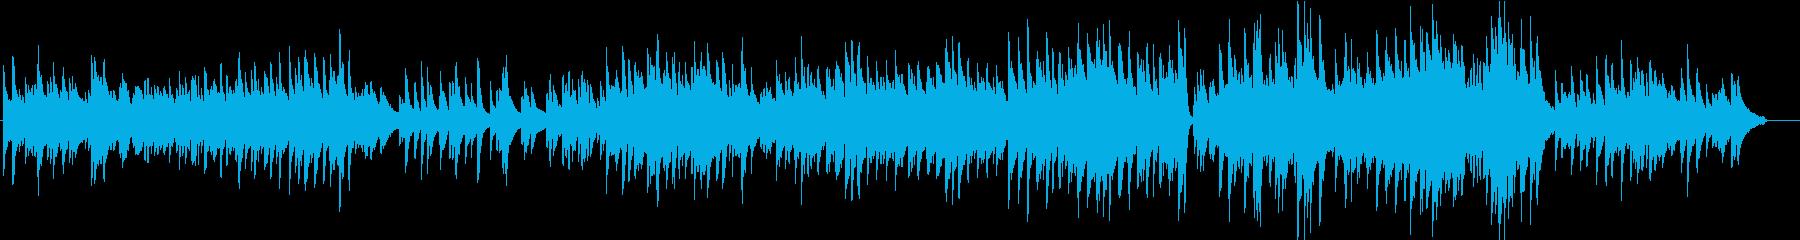 梅雨の訪れをイメージしたピアノ曲の再生済みの波形